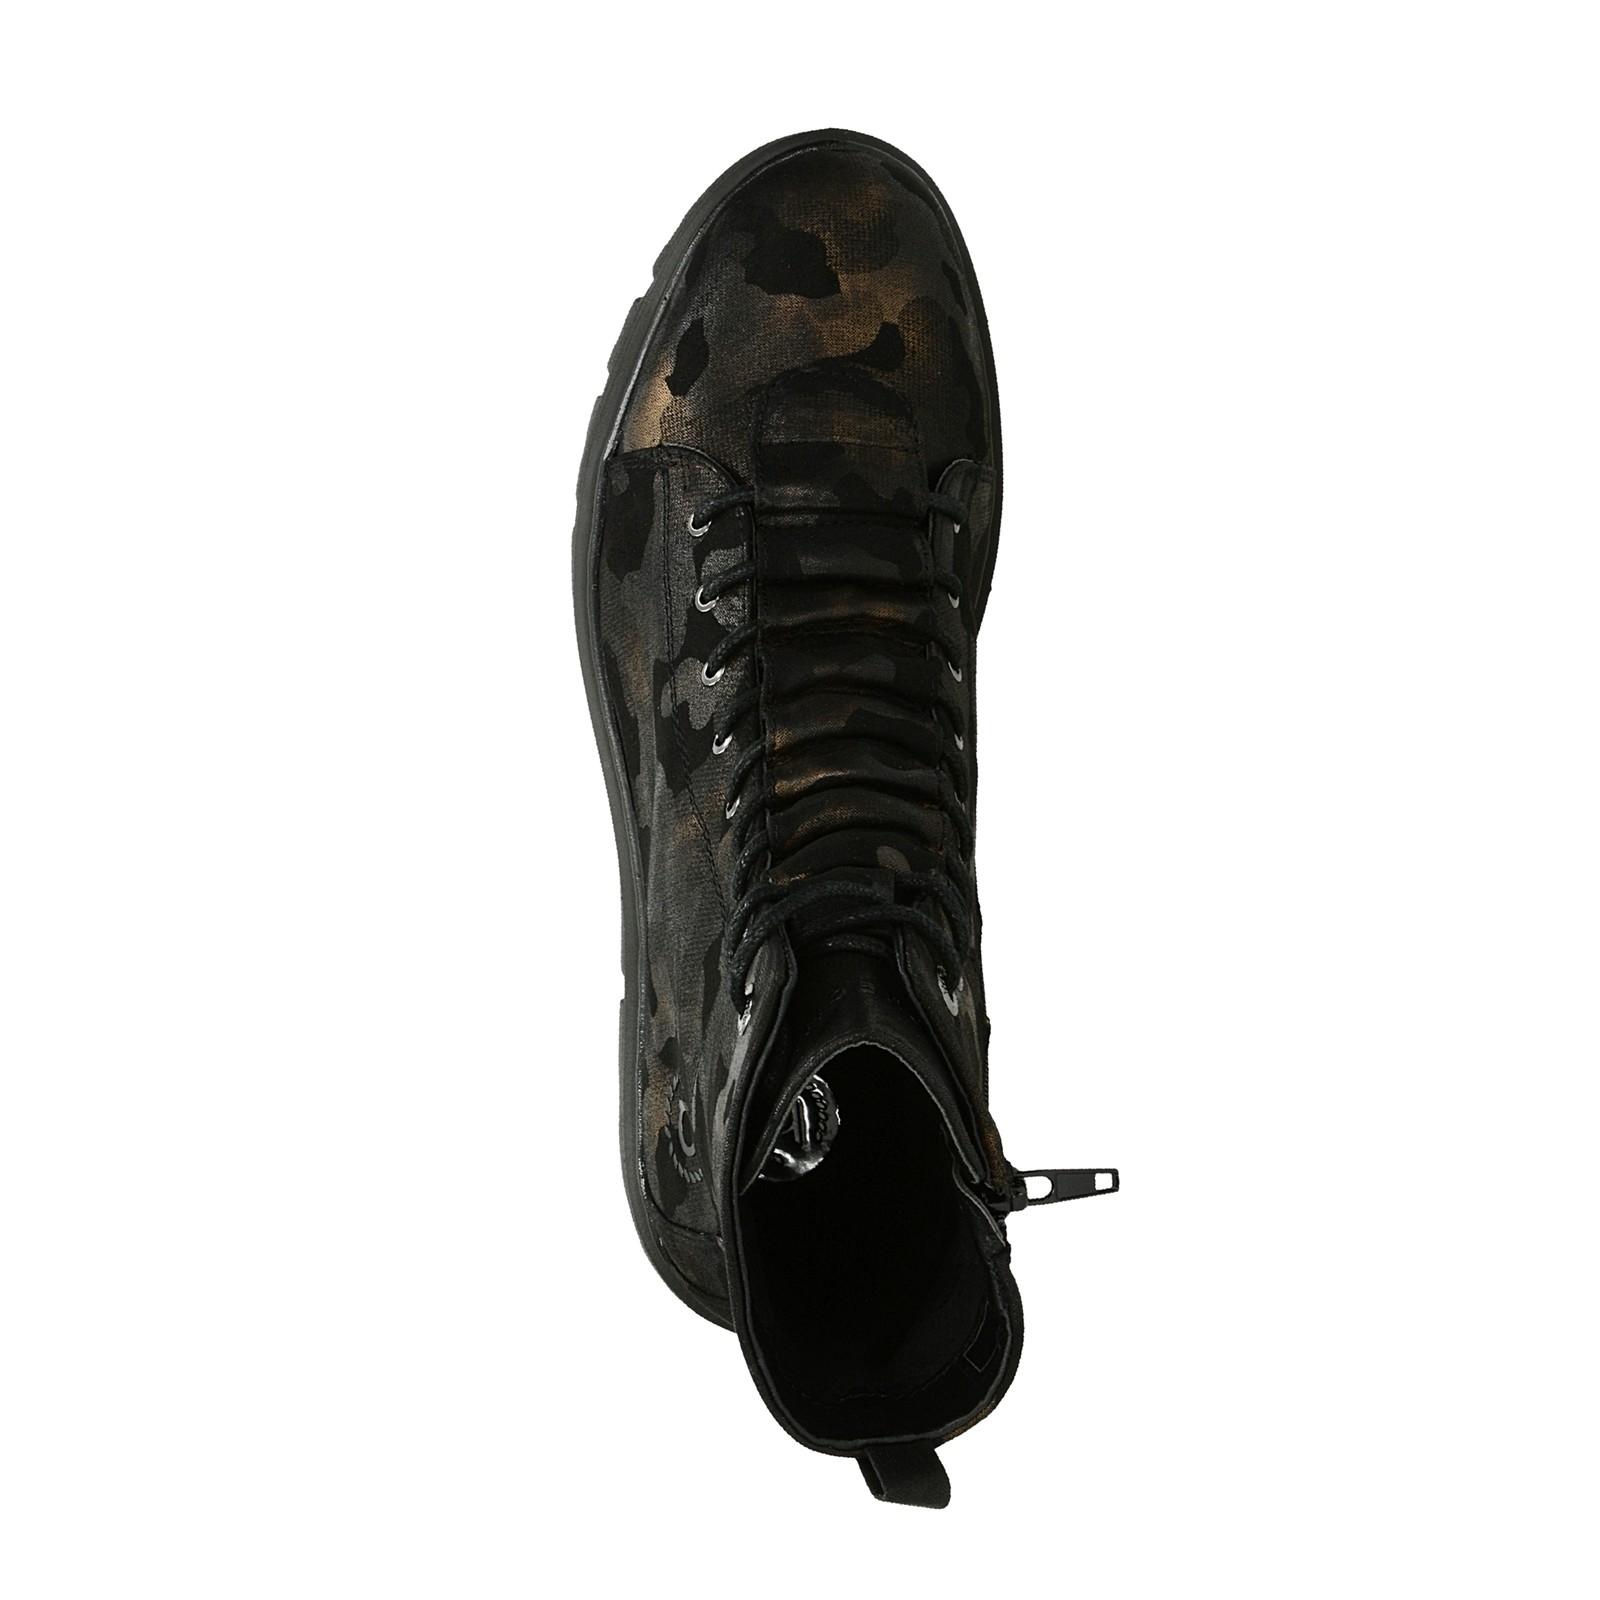 Bugatti dámské stylové kotníkové boty s maskačovým vzorem - černé